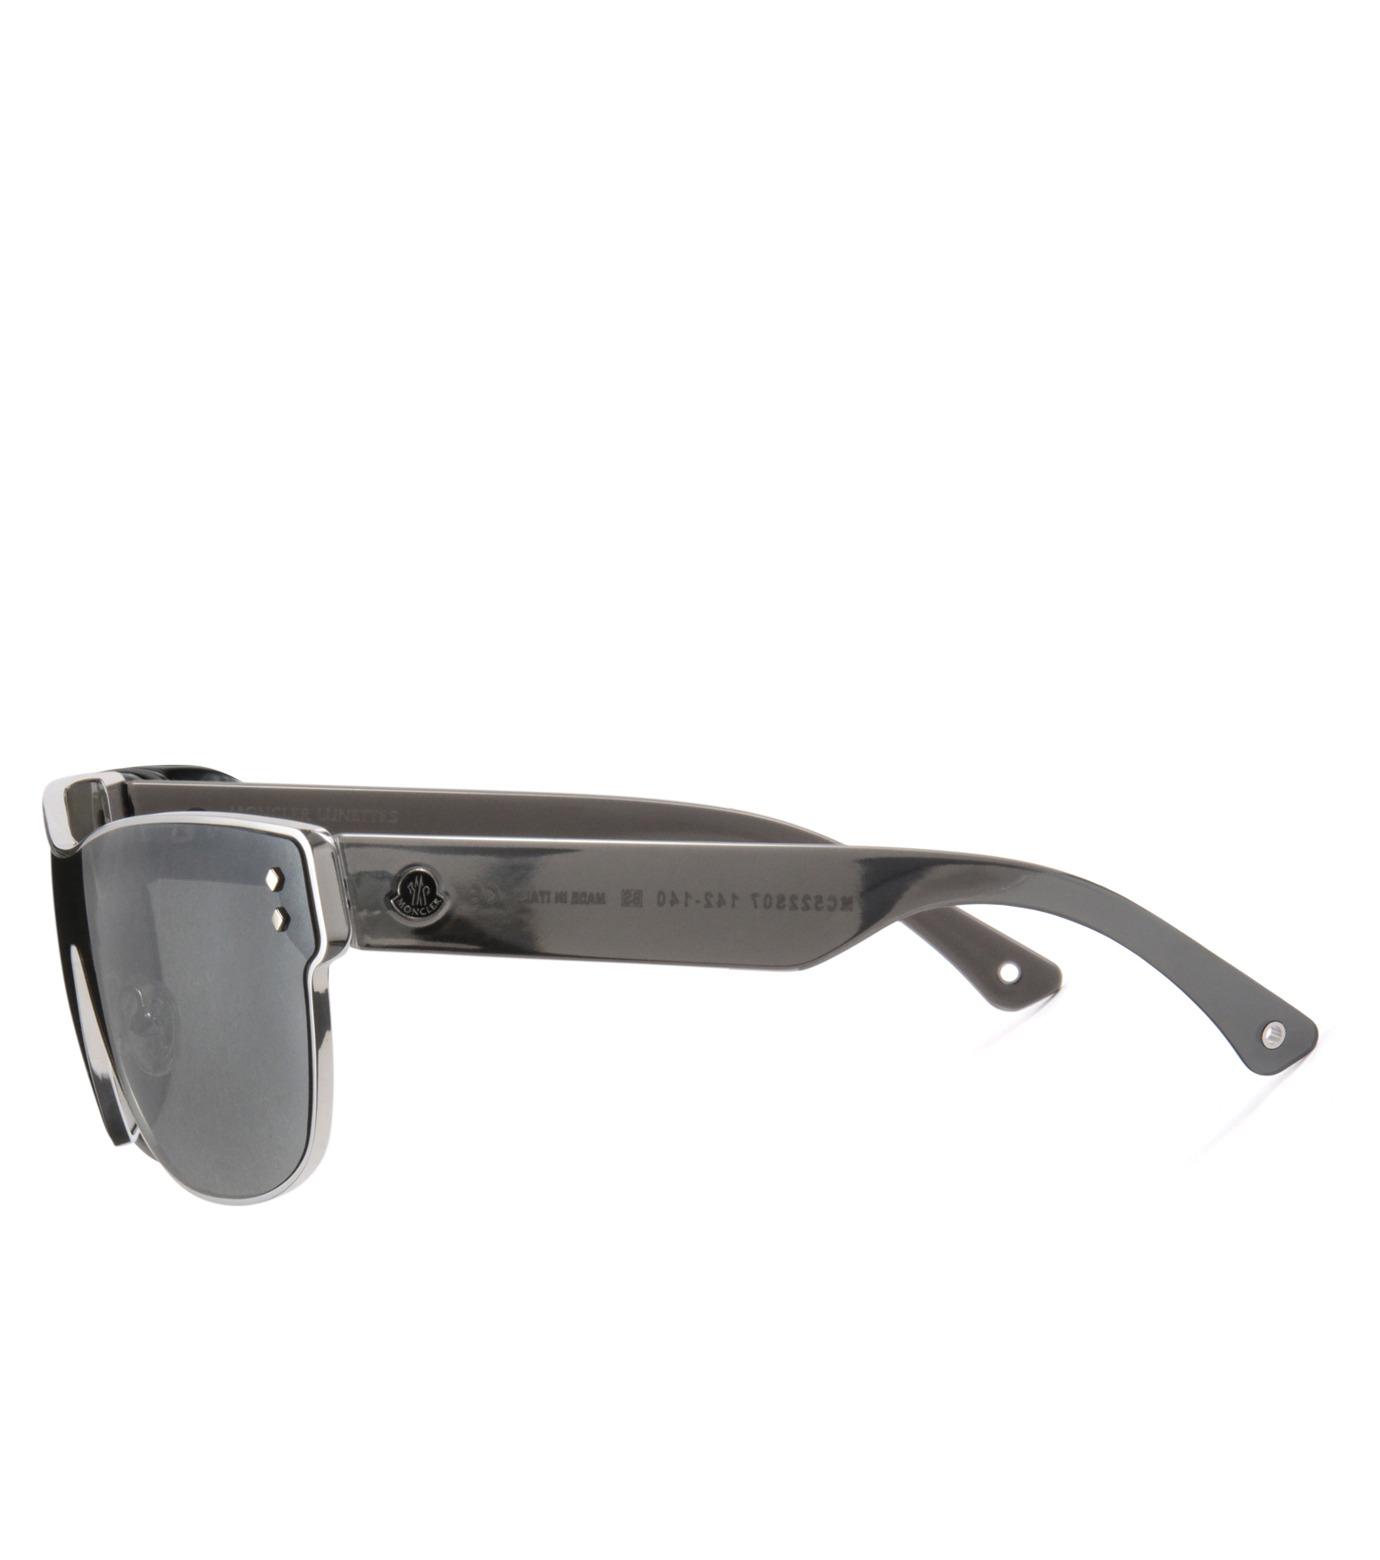 Moncler Eyewear(モンクレールアイウェア)のEYEWEAR-SILVER(アイウェア/eyewear)-MC522-1 拡大詳細画像2